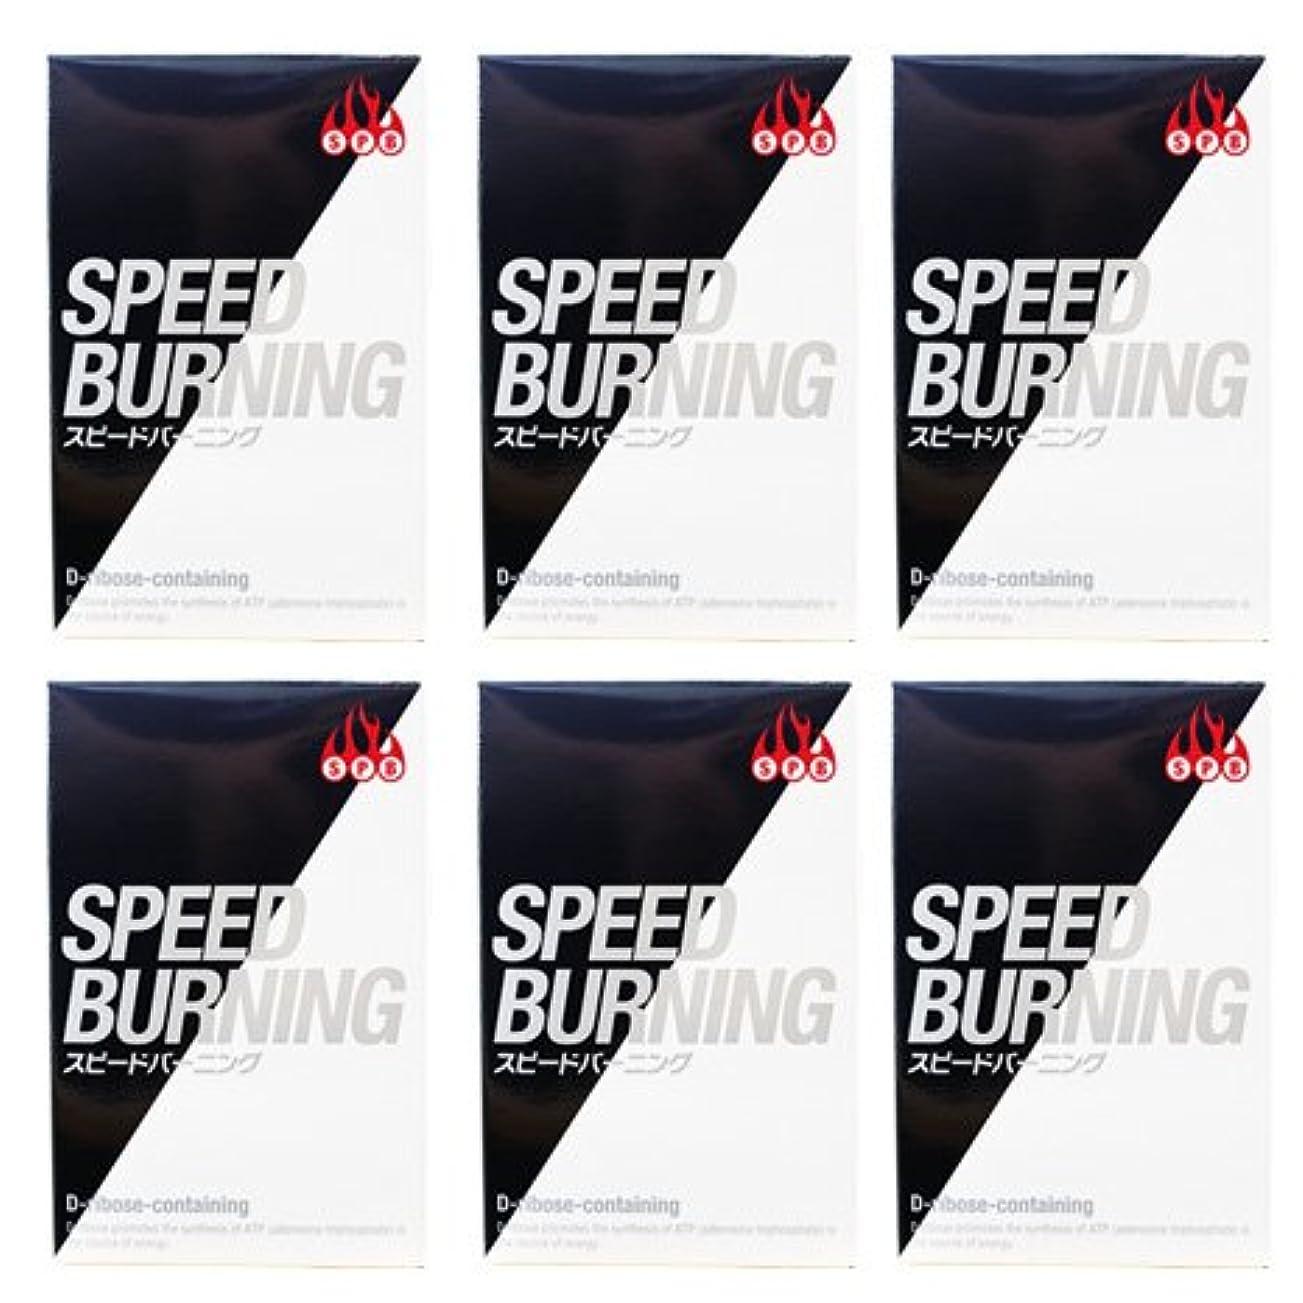 優雅しっかり入場料スピードバーニング SPEED BURNING×6個